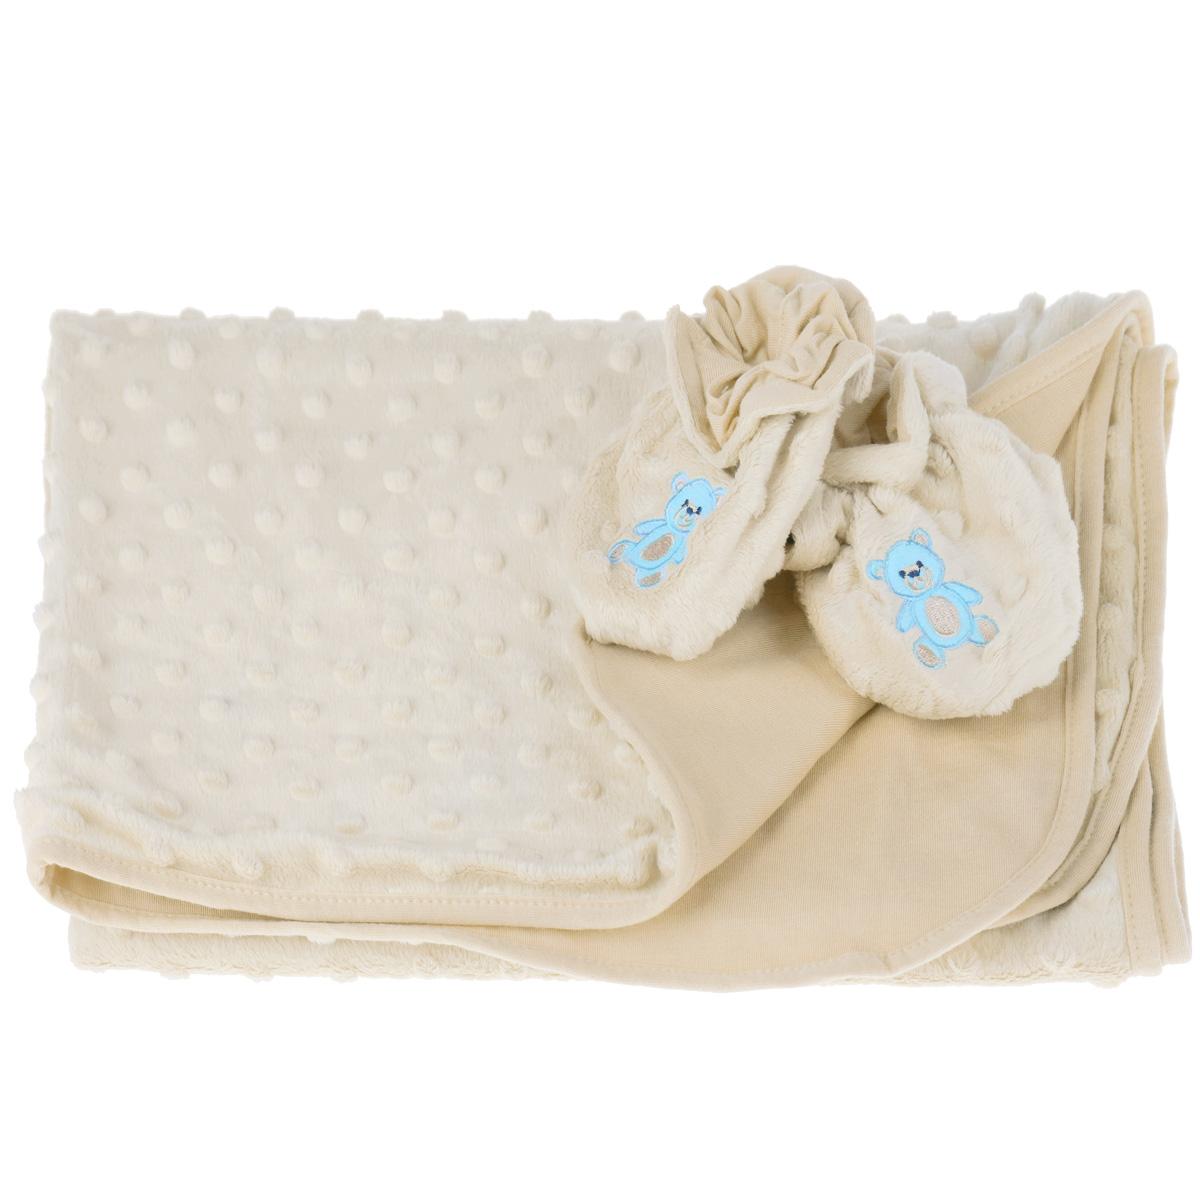 """Детский набор """"Baby Nice"""" в коляску, состоит из одеяла и пинеток. Набор изготовлен из экологичных материалов: верх изготовлен из ткани нового поколения Micro Velour, обладающей терморегулирующими и влагорегулирующими свойствами, подкладка - 100% натуральный хлопчатобумажный трикотаж. Пинетки украшены небольшой вышивкой в виде мишек. Они """"дышащие"""", из легкой воздухопроницаемой ткани, и сохраняющие тепло, что не позволят замерзнуть ножкам ребенка. Мама малыша, укрытого потрясающе мягким, необыкновенно легким и исключительно теплым одеялом, может быть спокойна за покой и комфортный сон своего ребенка на прогулке, на свежем воздухе. Набор окрашен гипоаллергенными красителями. Размер одеяла: 70 см х 98 см. Пинетки для детей от 0 до 3 лет."""